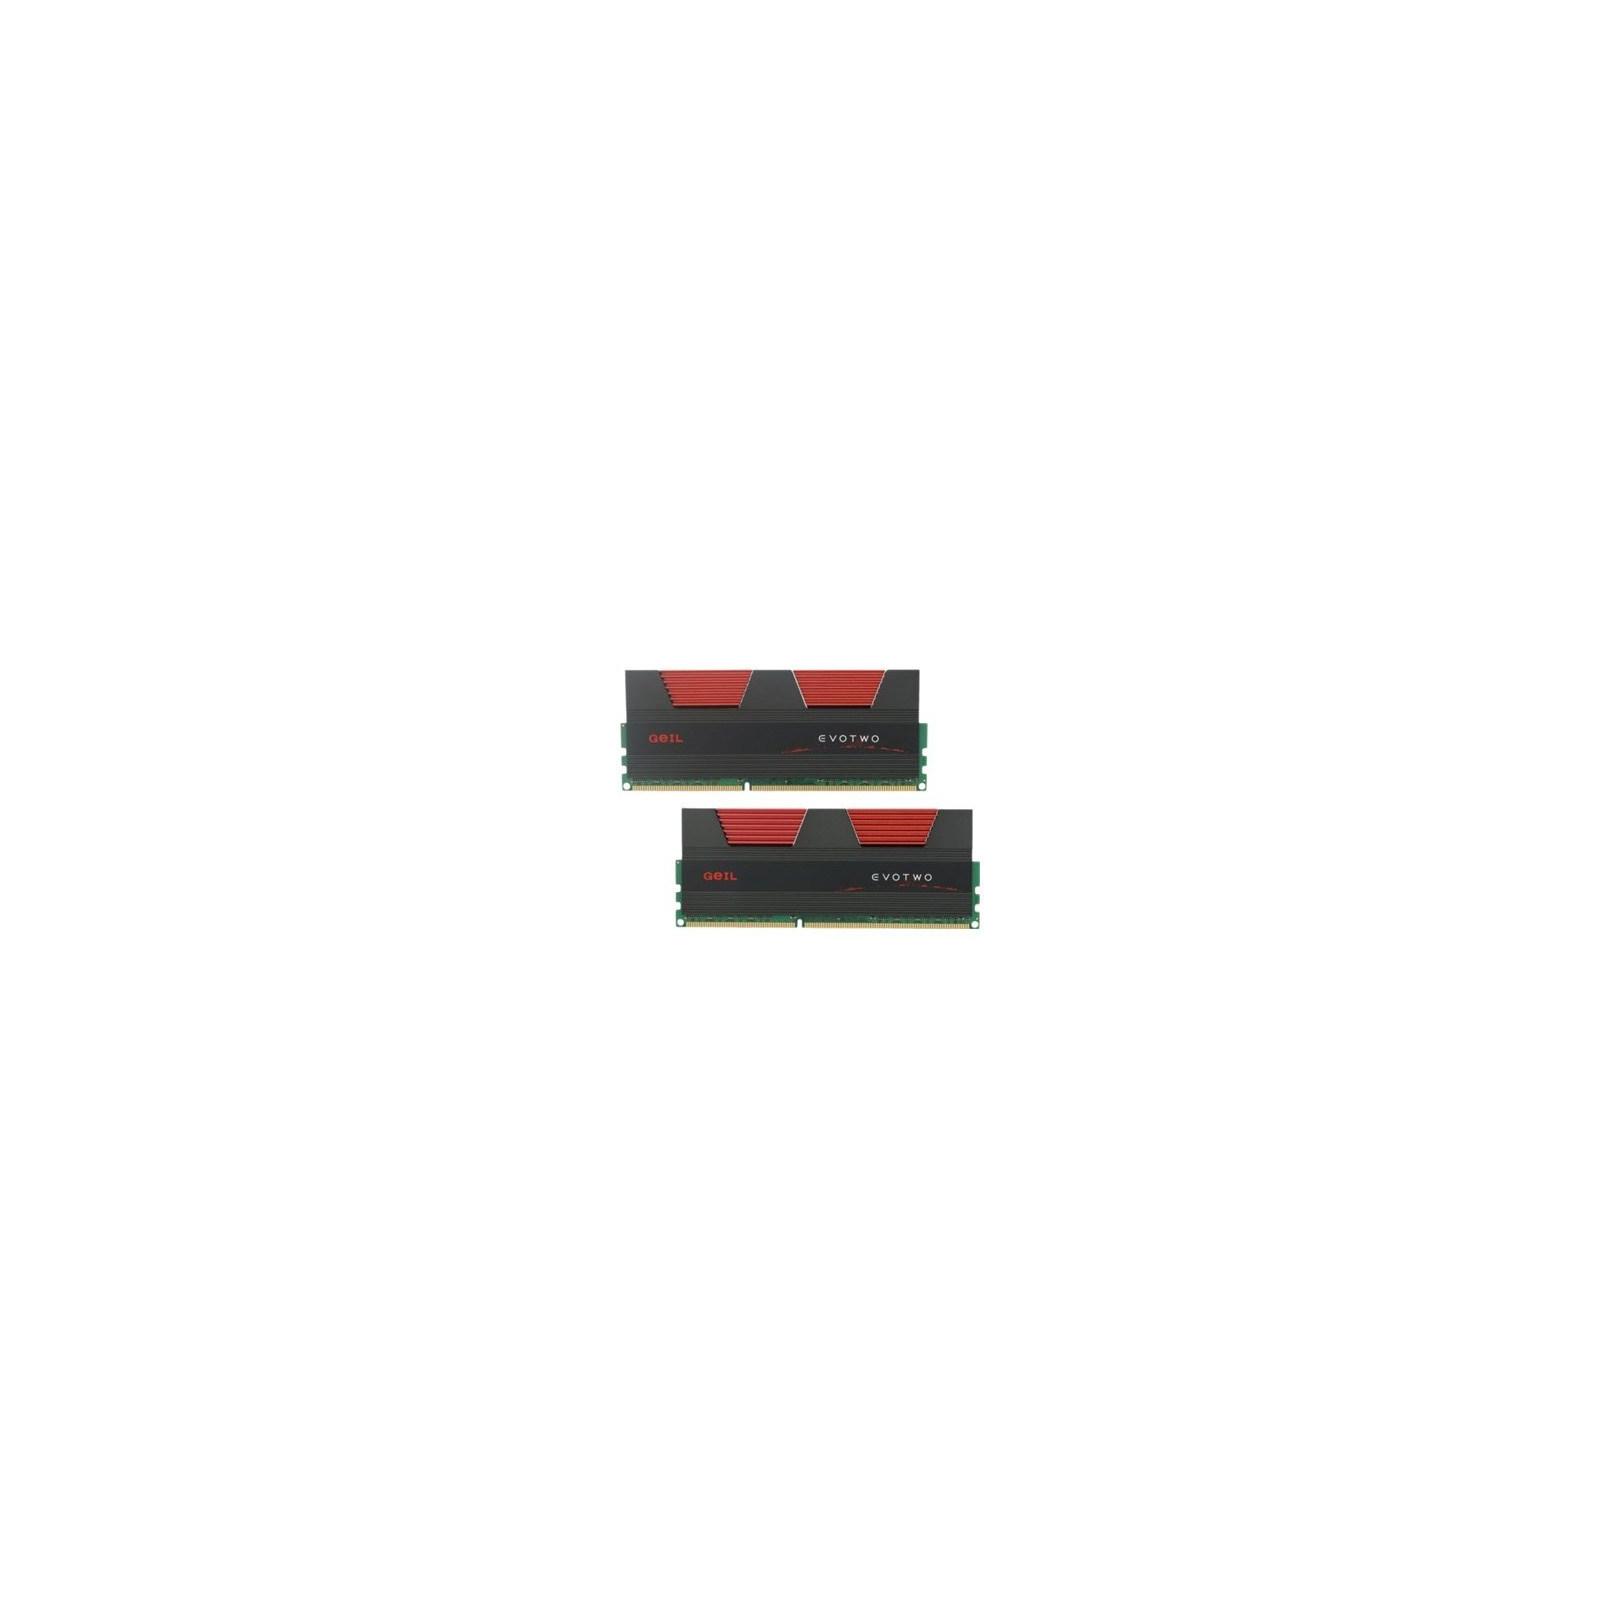 Модуль памяти для компьютера DDR3 16GB (2x8GB) 1600 MHz GEIL (GET316GB1600C9DC)